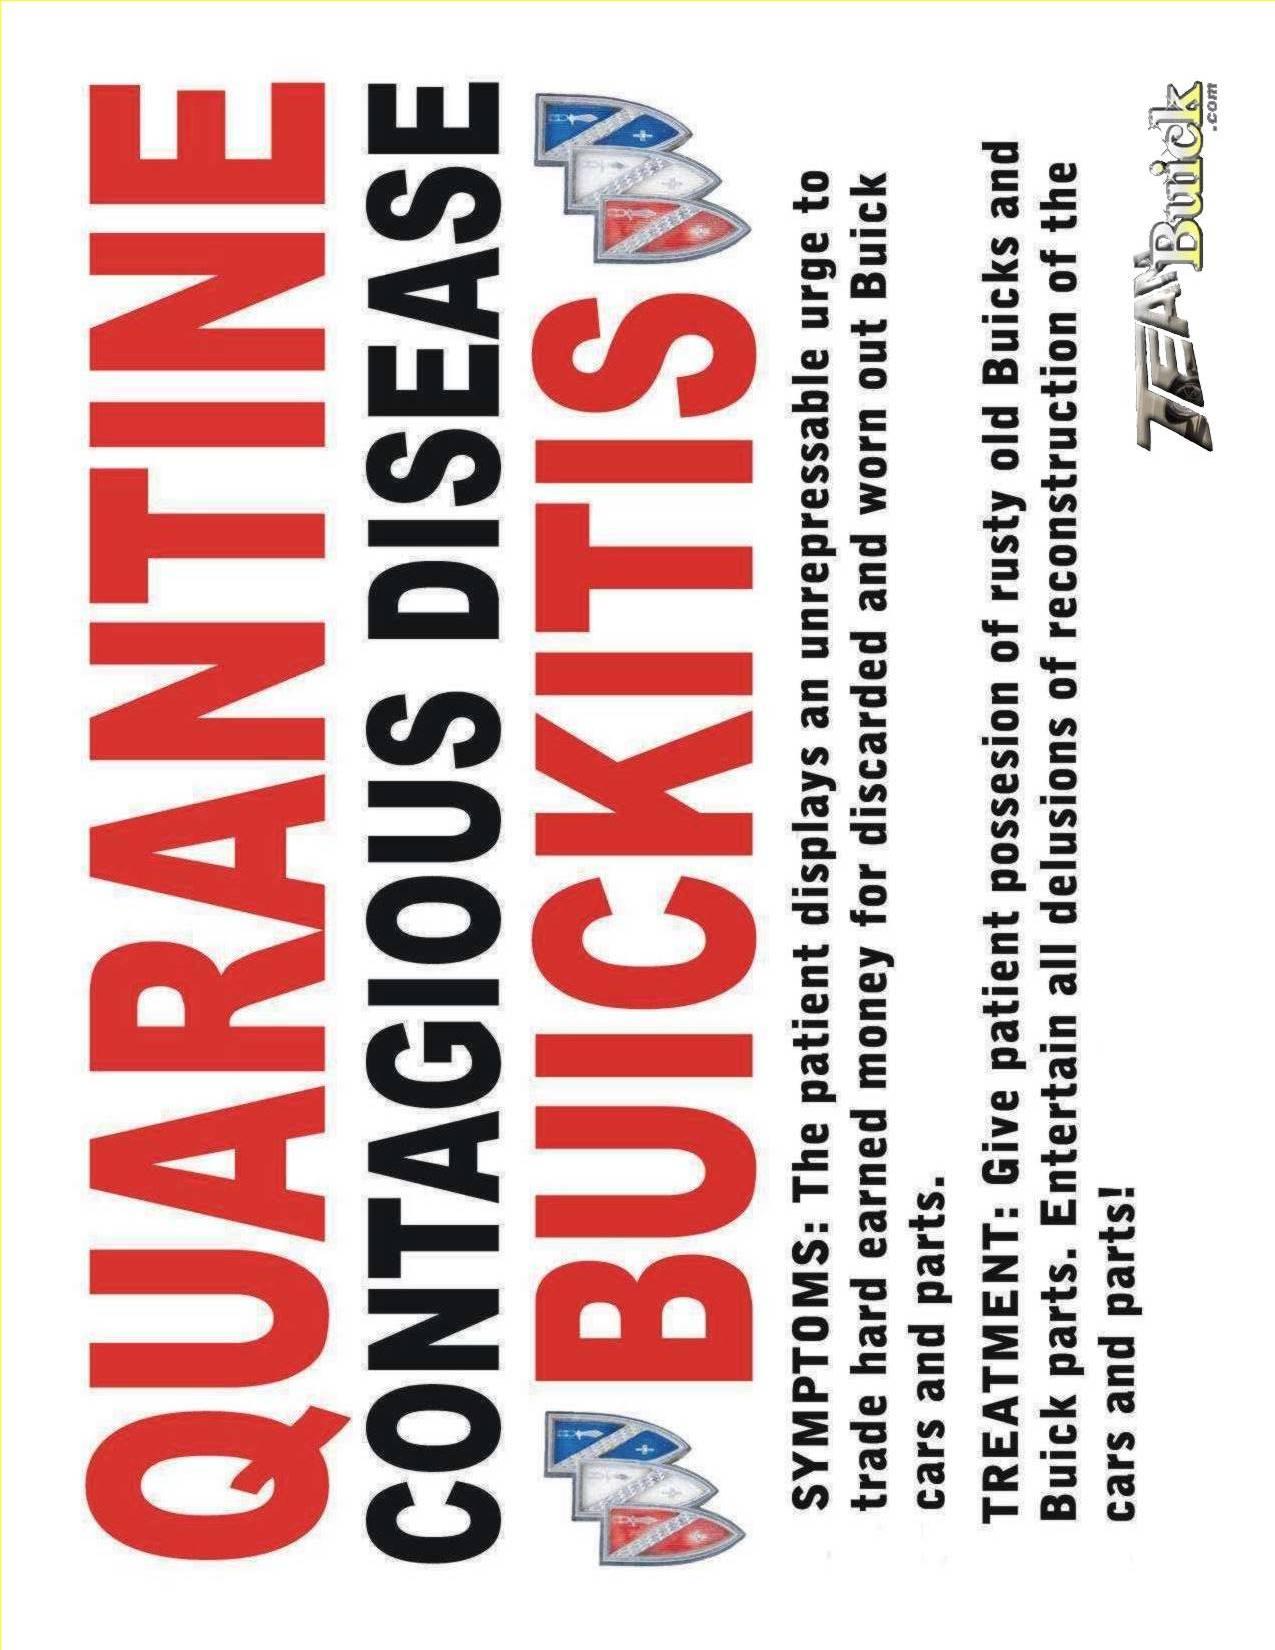 Quarantine, Contagious Disease, Buickitis